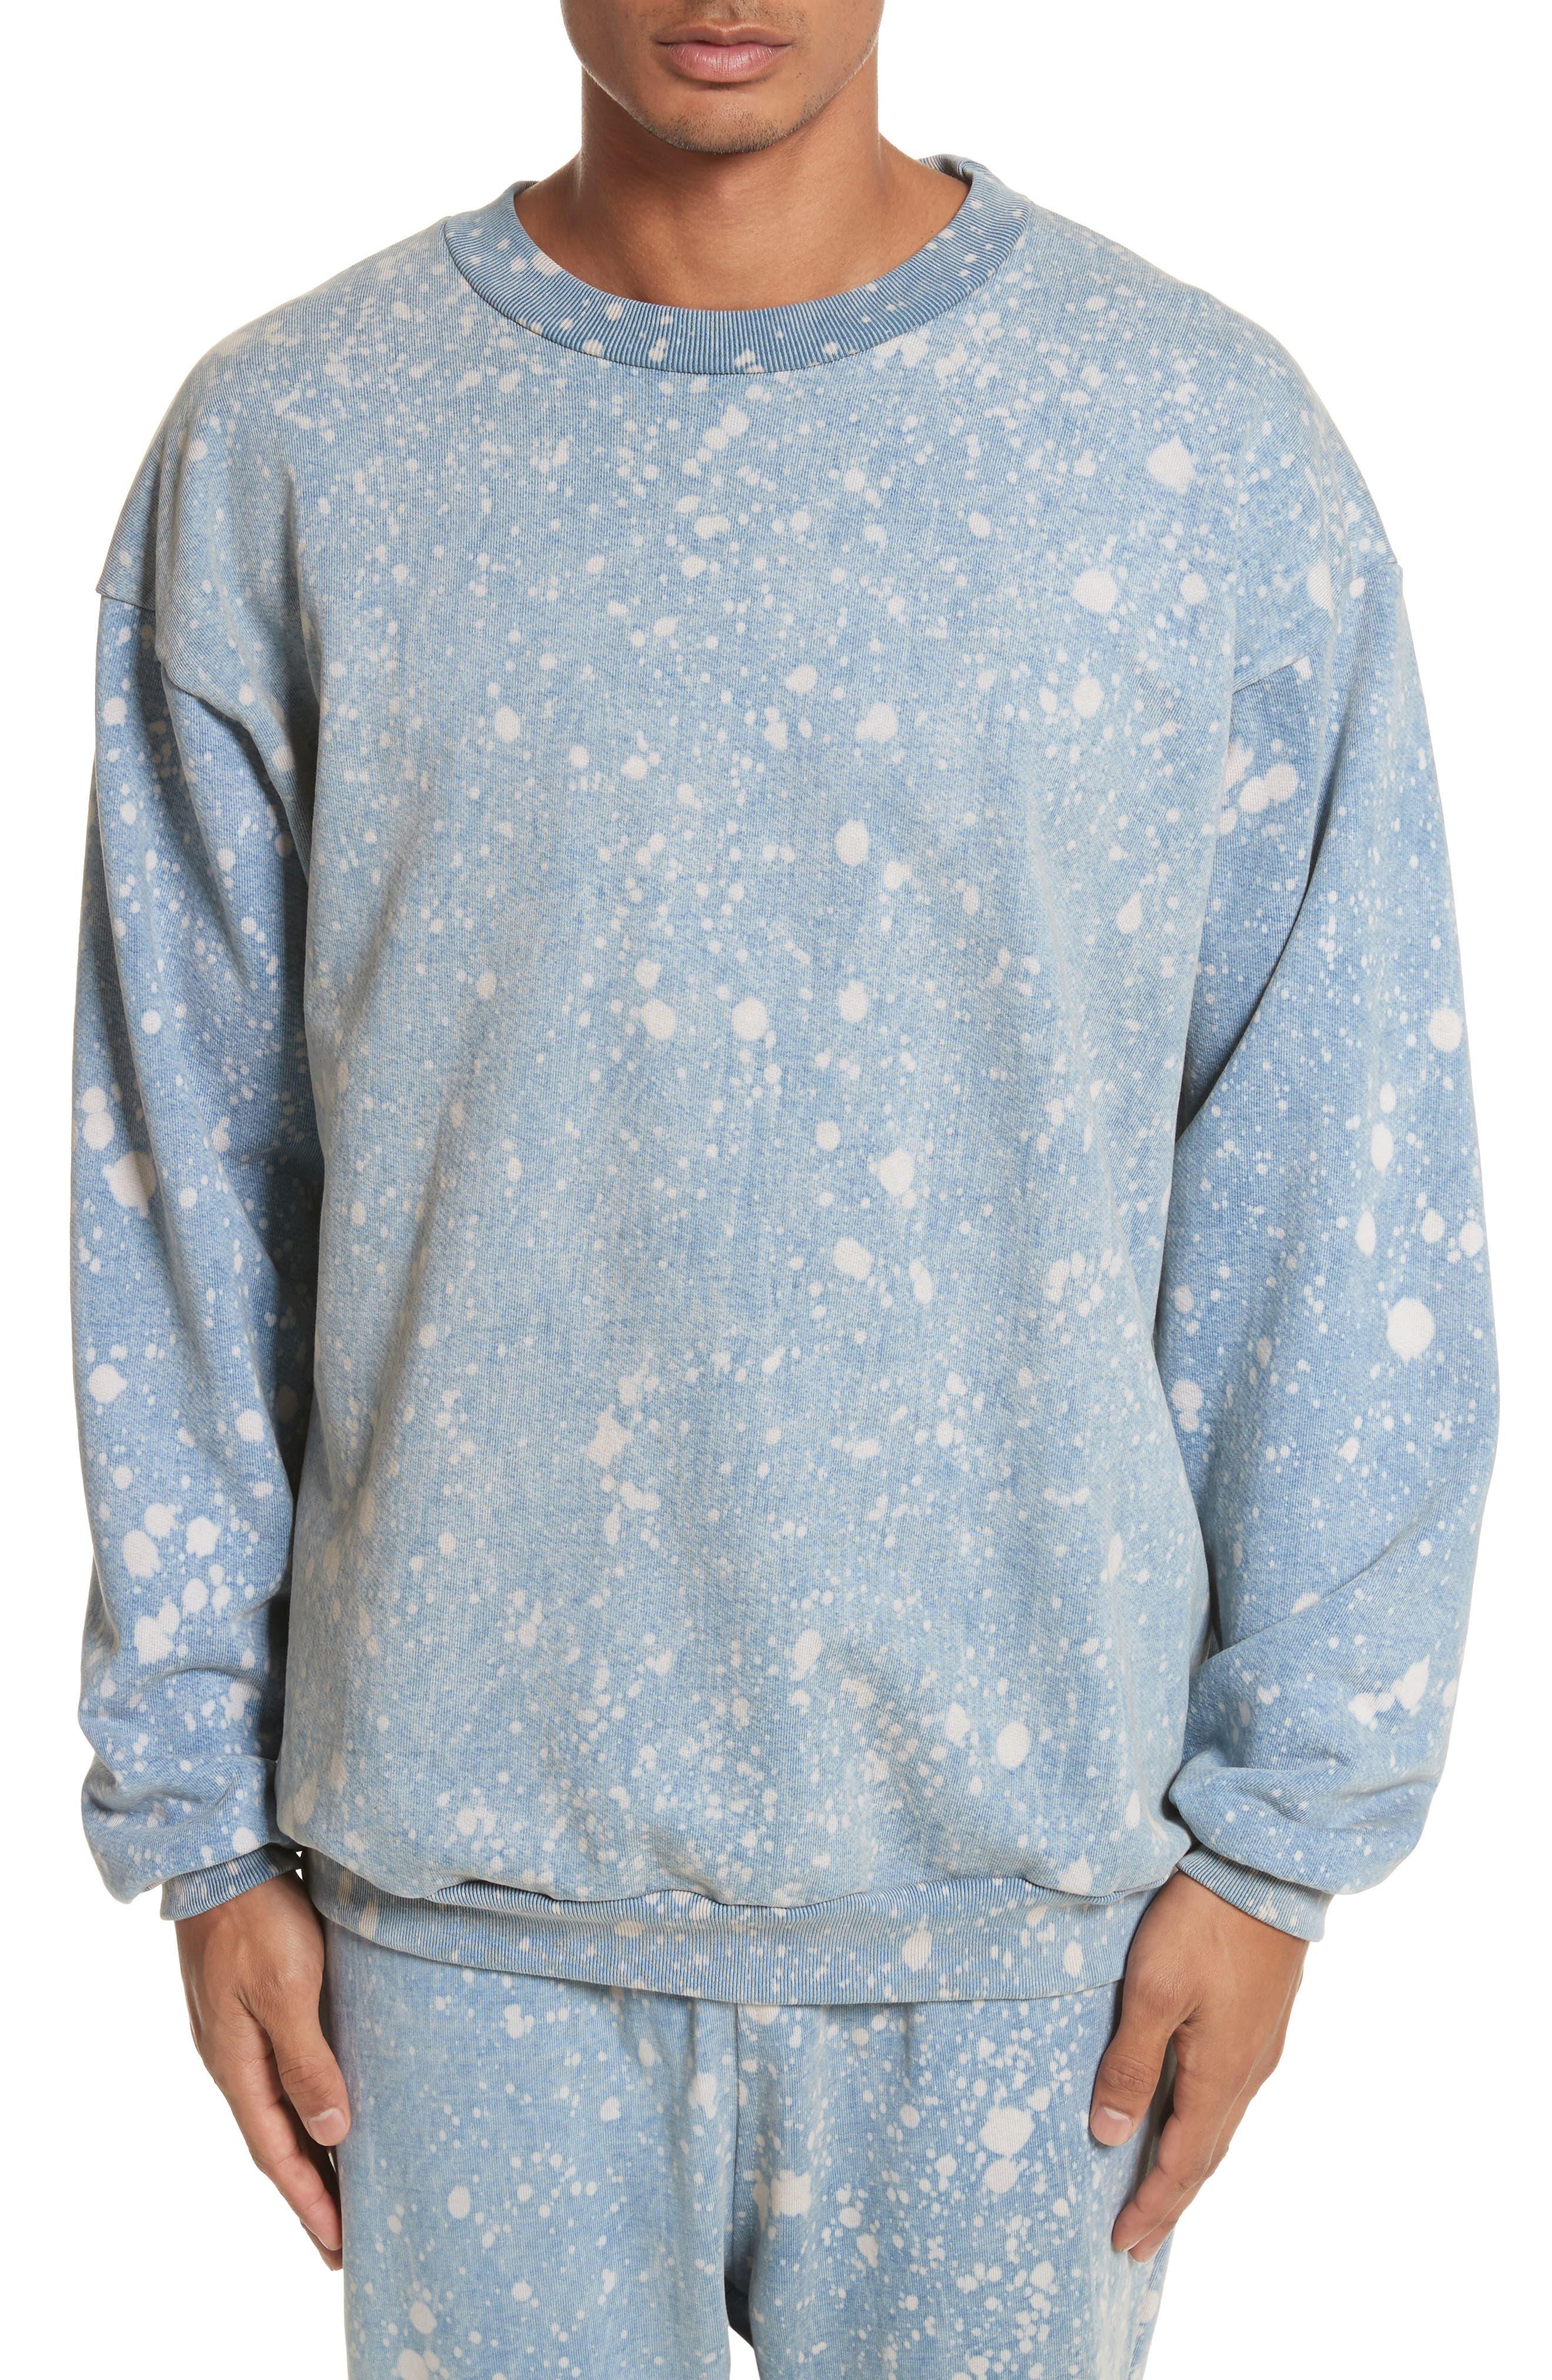 Yameyo Sweatshirt,                         Main,                         color, 484